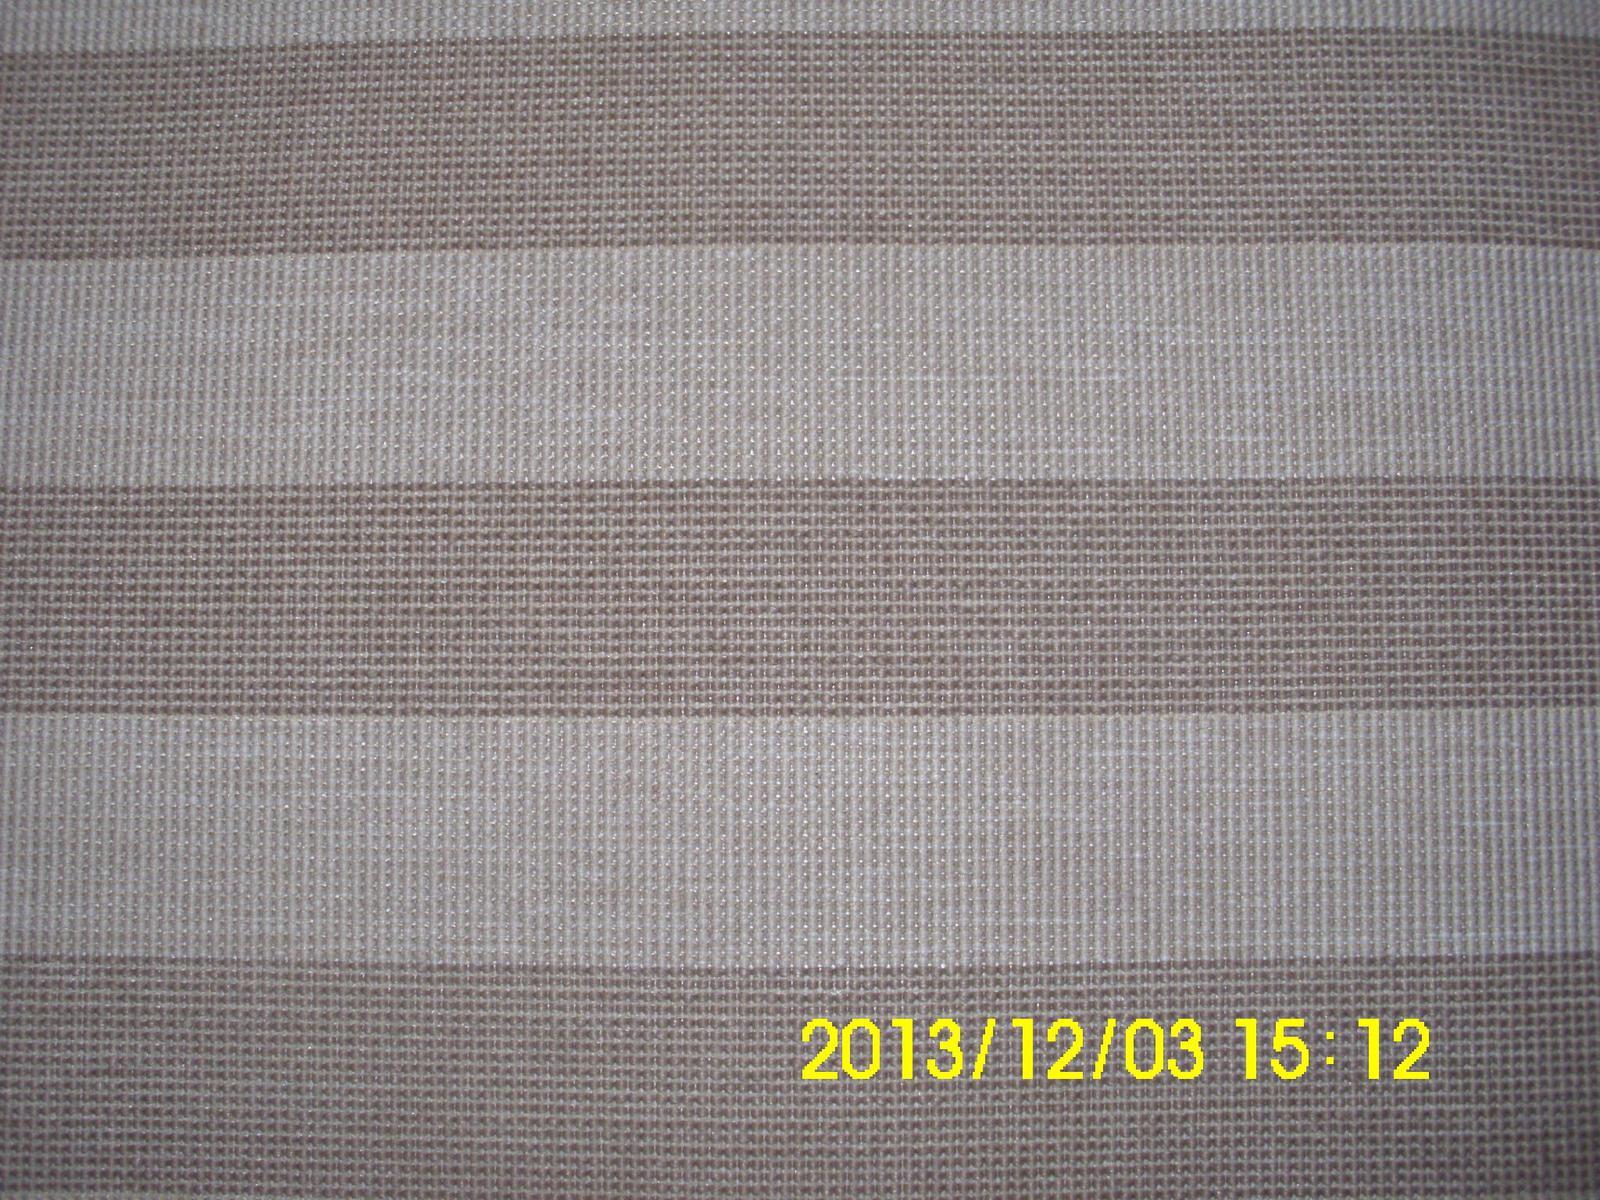 Mam na predaj pokrovec 60x90 cm - Obrázok č. 2